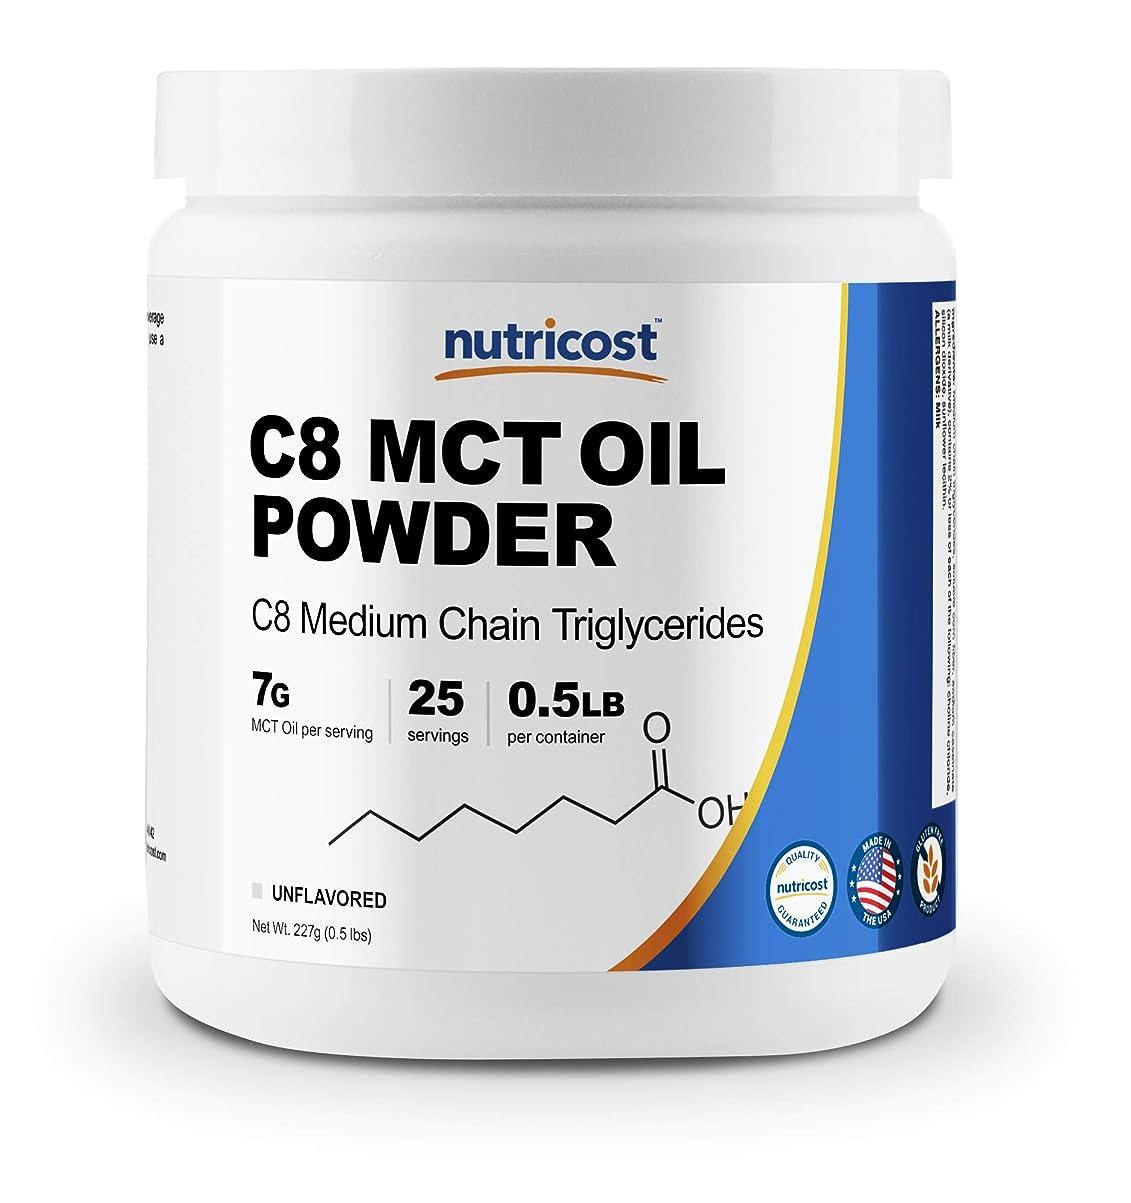 経験者加速するハブブNutricost C8 MCTオイル パウダー 0.5LB (ノンフレーバー味)、C8(95%)、非GMO、グルテンフリー